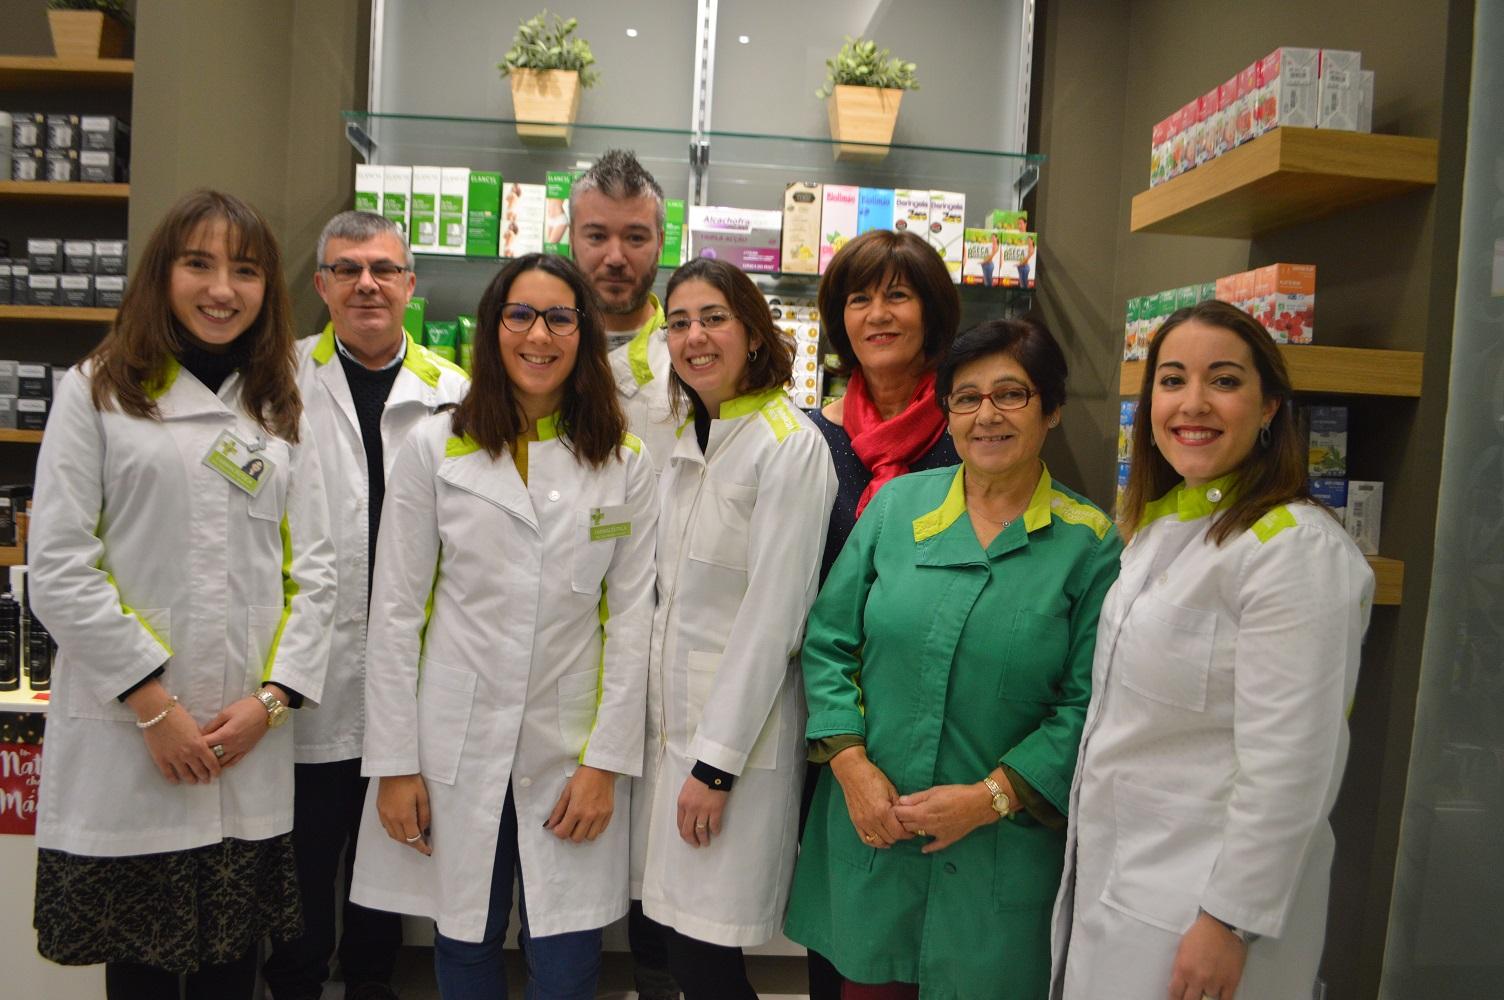 Equipa Farmácia Caldense